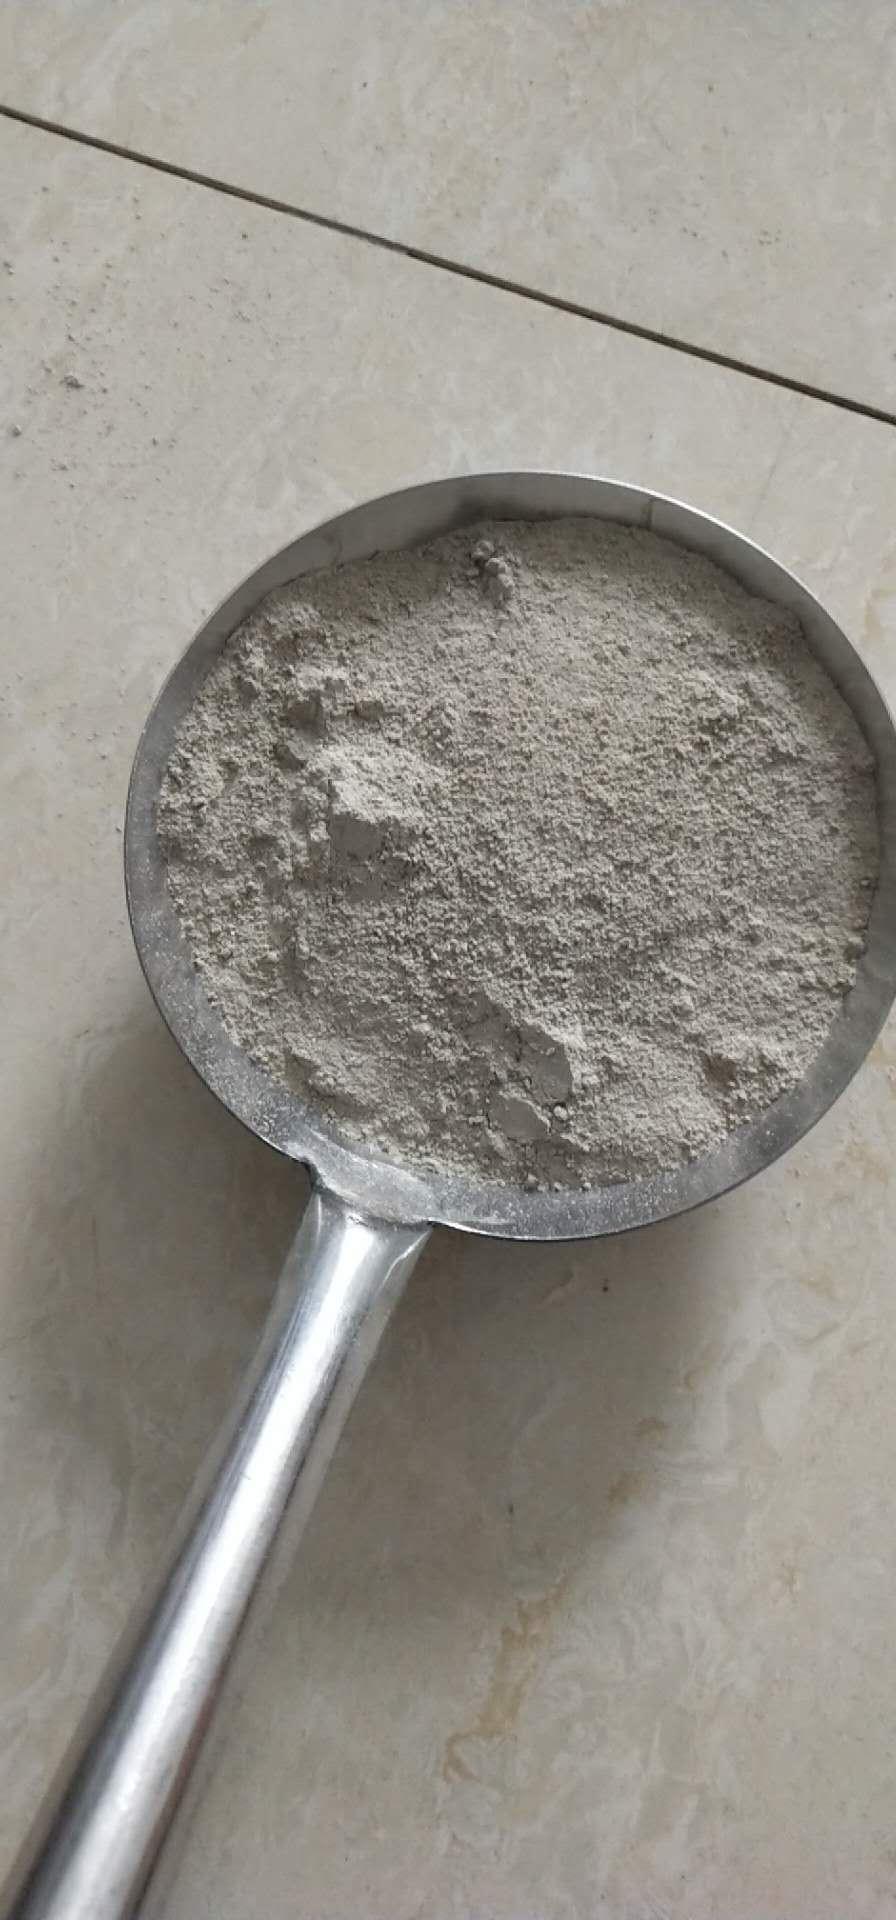 無錫錫山金剛砂耐磨地面粉施工閱讀